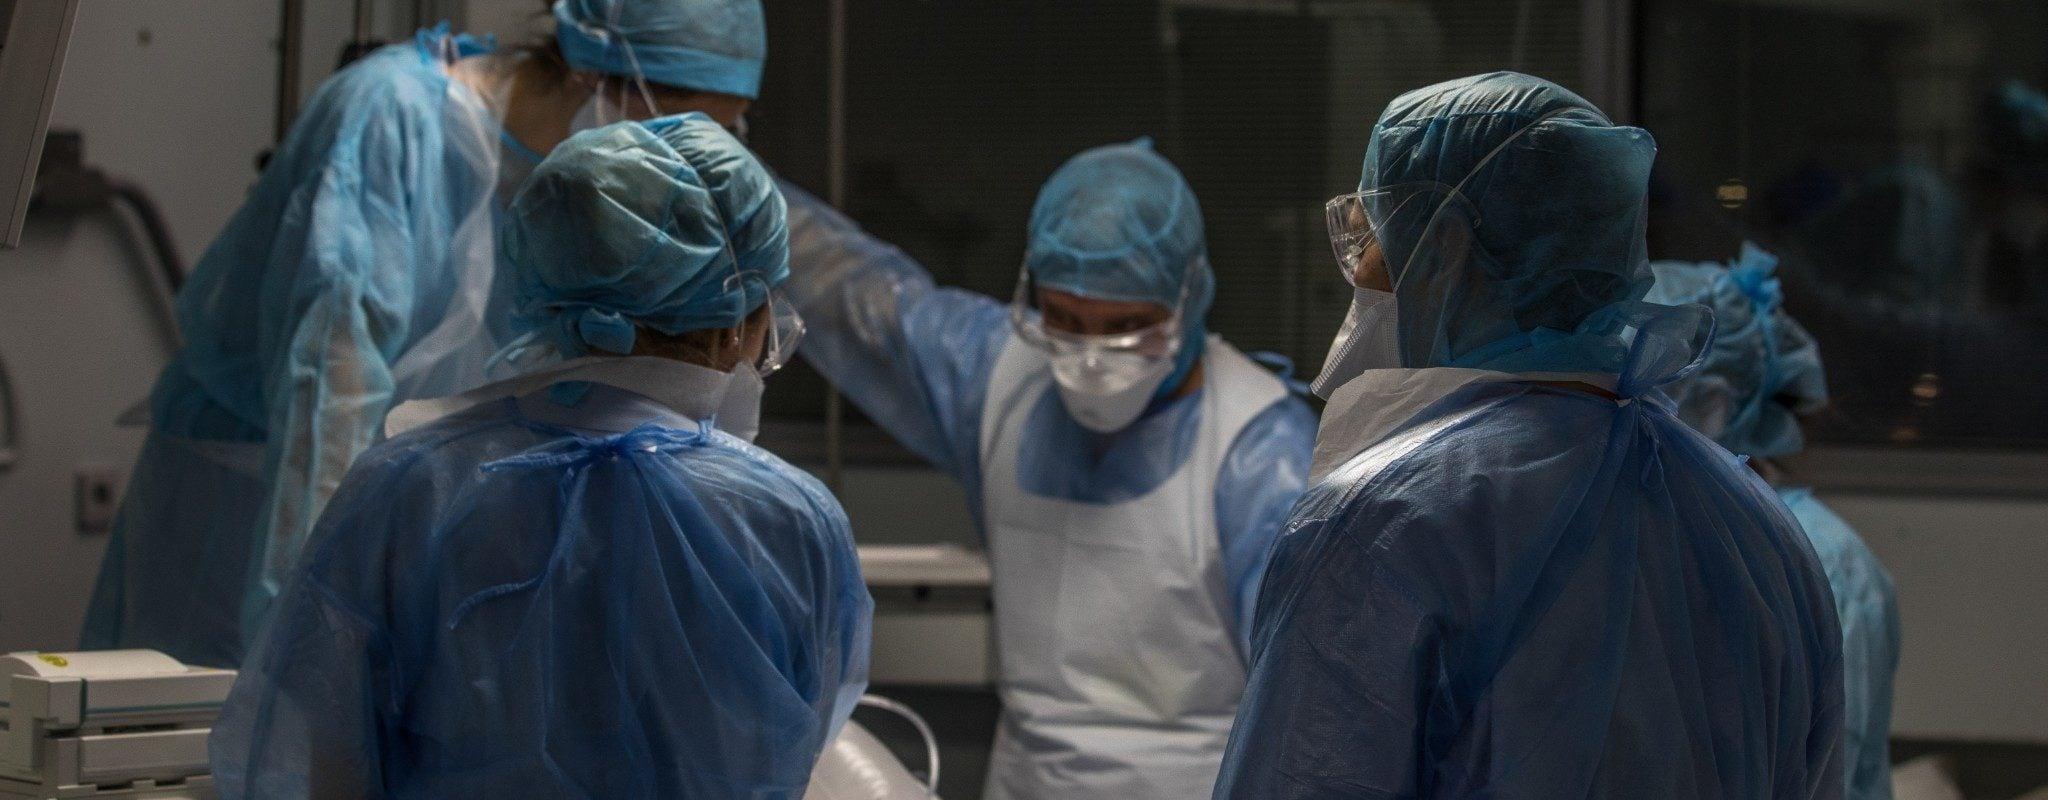 En Alsace, le personnel soignant craint une deuxième vague «tout aussi catastrophique»